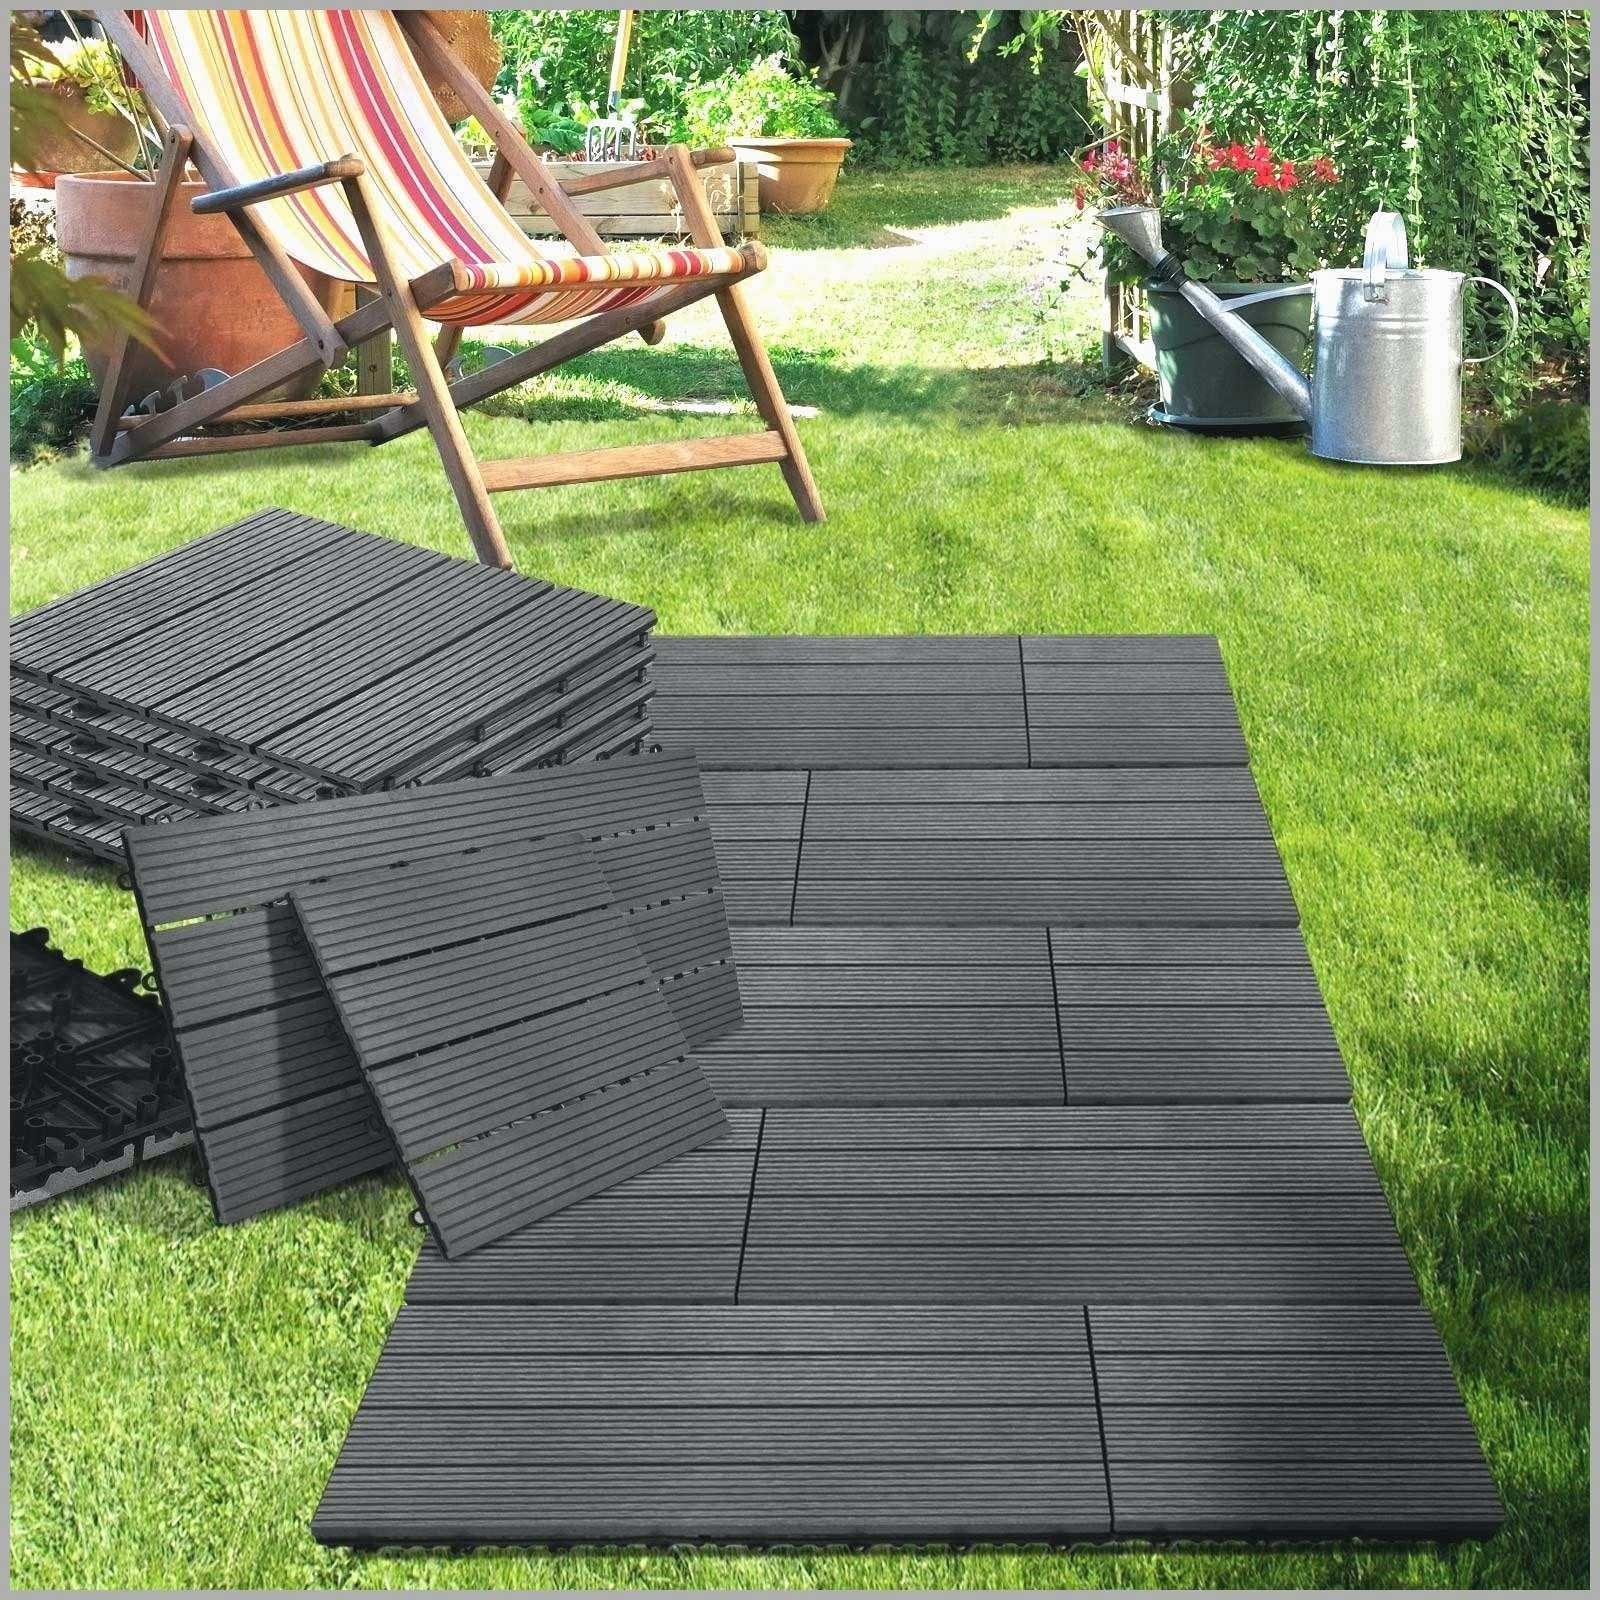 Plot Beton Pour Terrasse Leroy Merlin Nouveau Plot In 2020 Serapportanta Plot Pour Terrasse Leroy Merlin Idees Conception Jardin Idees Conception Jardin